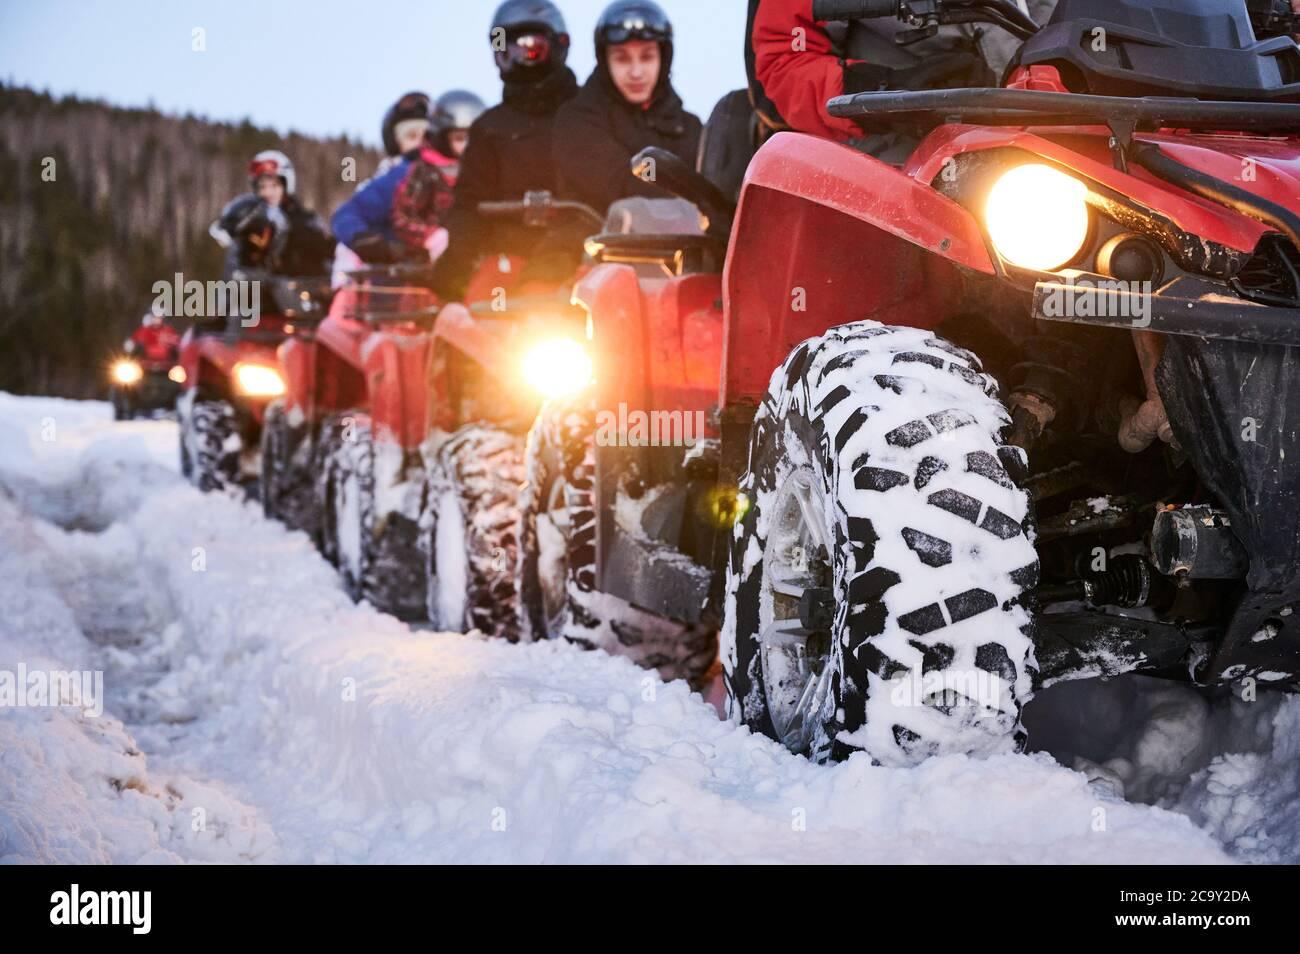 Concentrez-vous sur le volant. Les personnes qui descendent des véhicules tout-terrain rouges sur une colline enneigée. Quad-riders conduisant des quad avec des roues noires enneigées sur piste enneigée. Concept des activités d'hiver et du quad. Banque D'Images